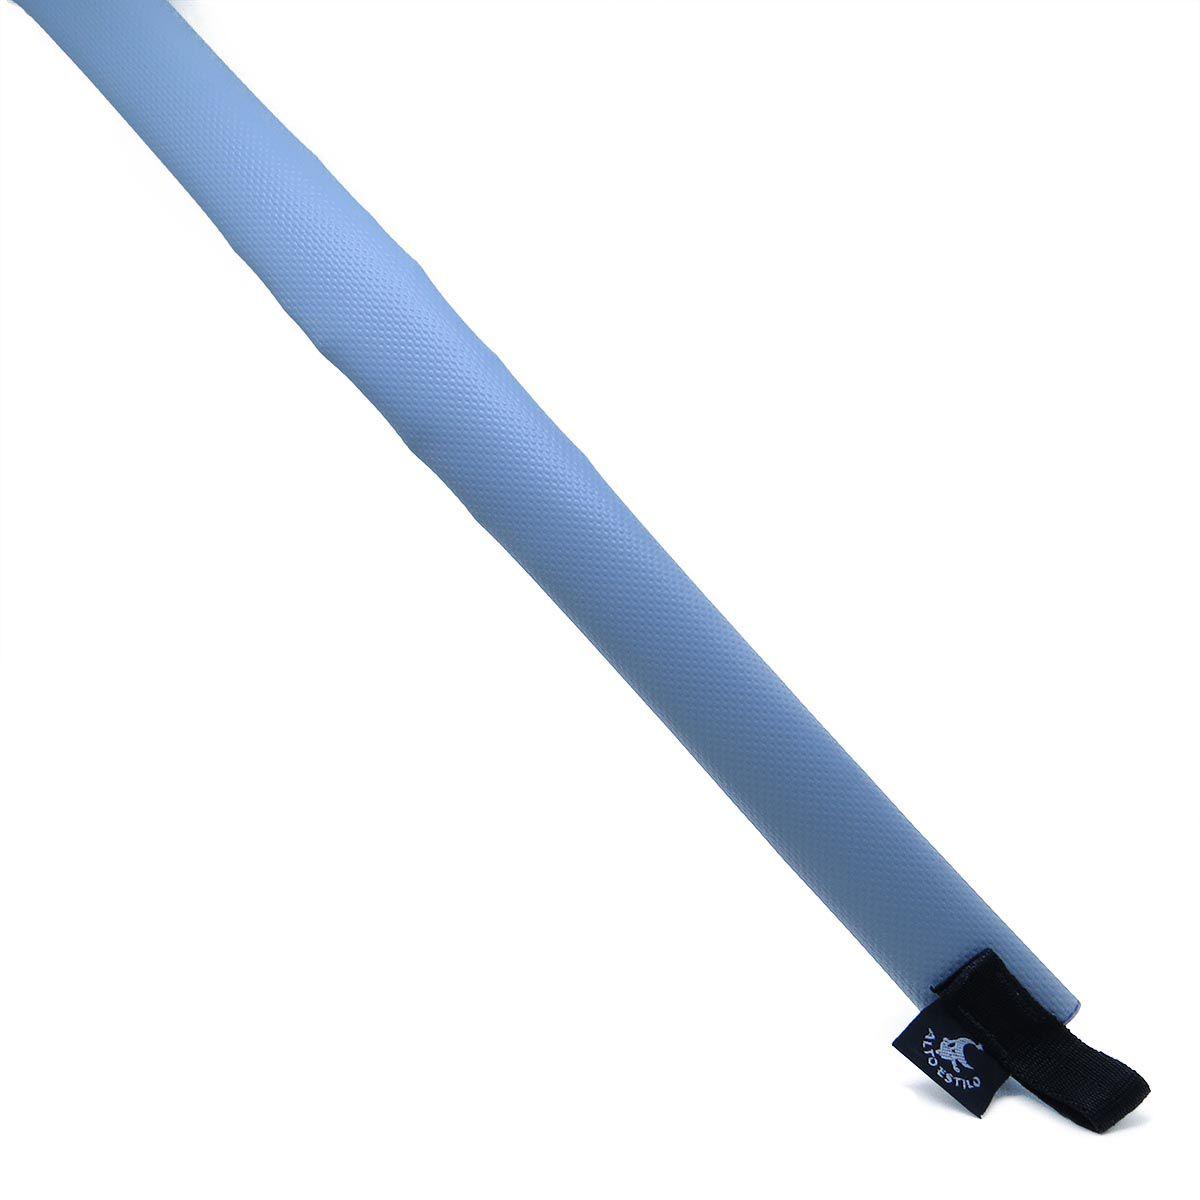 Protetor de Corda em Vinil 120cm - Alto Estilo